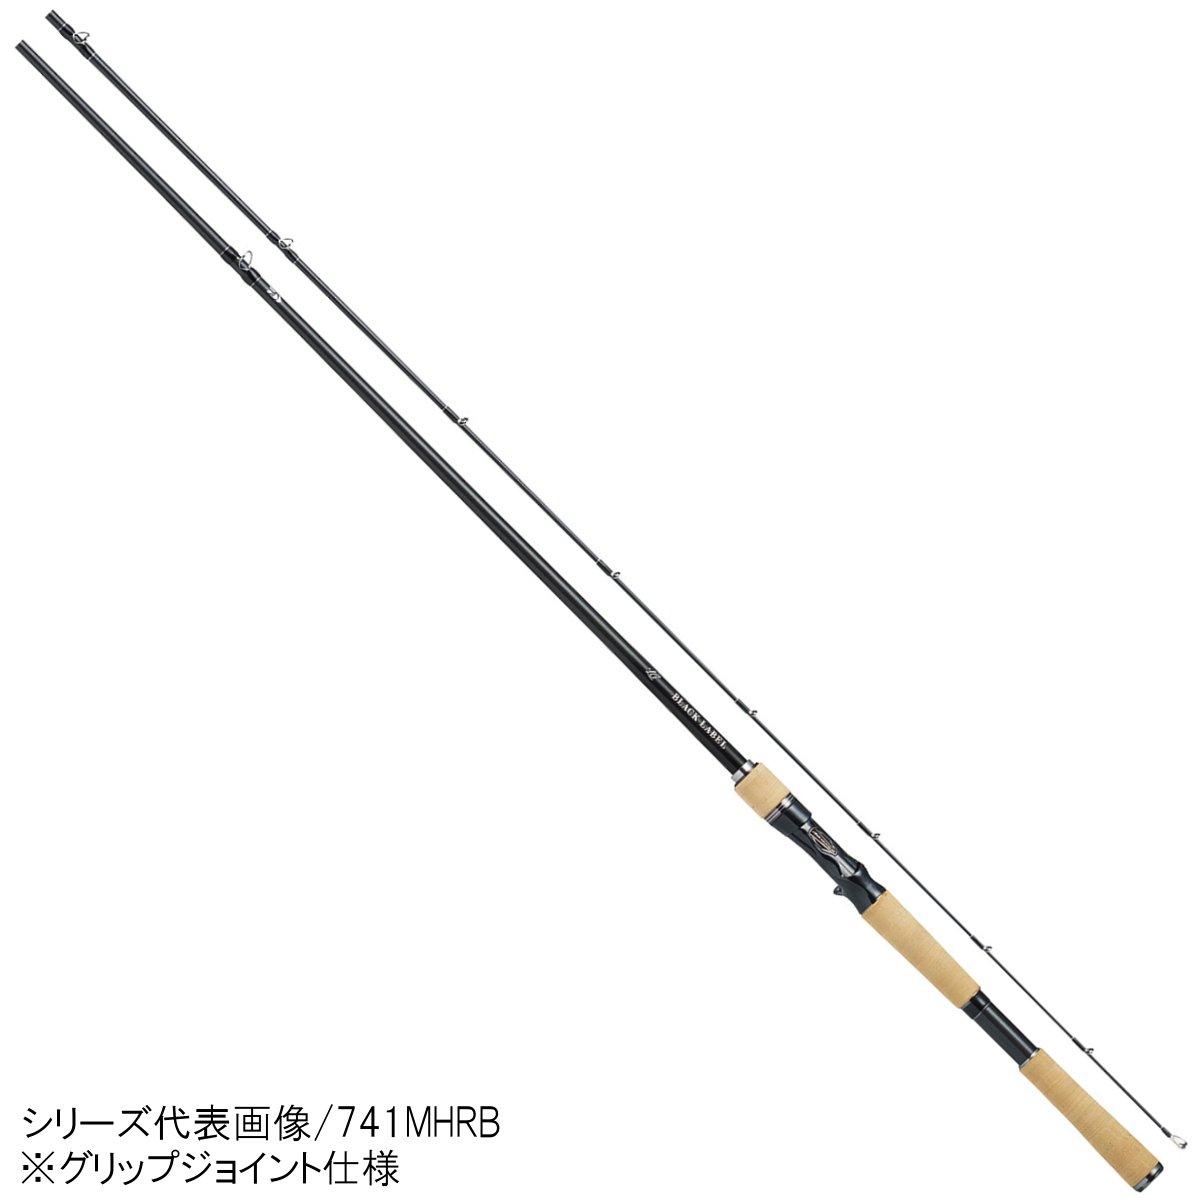 ダイワ ブラックレーベル LG(ベイトキャスティングモデル) 7101HFB-SB【大型商品】(東日本店)